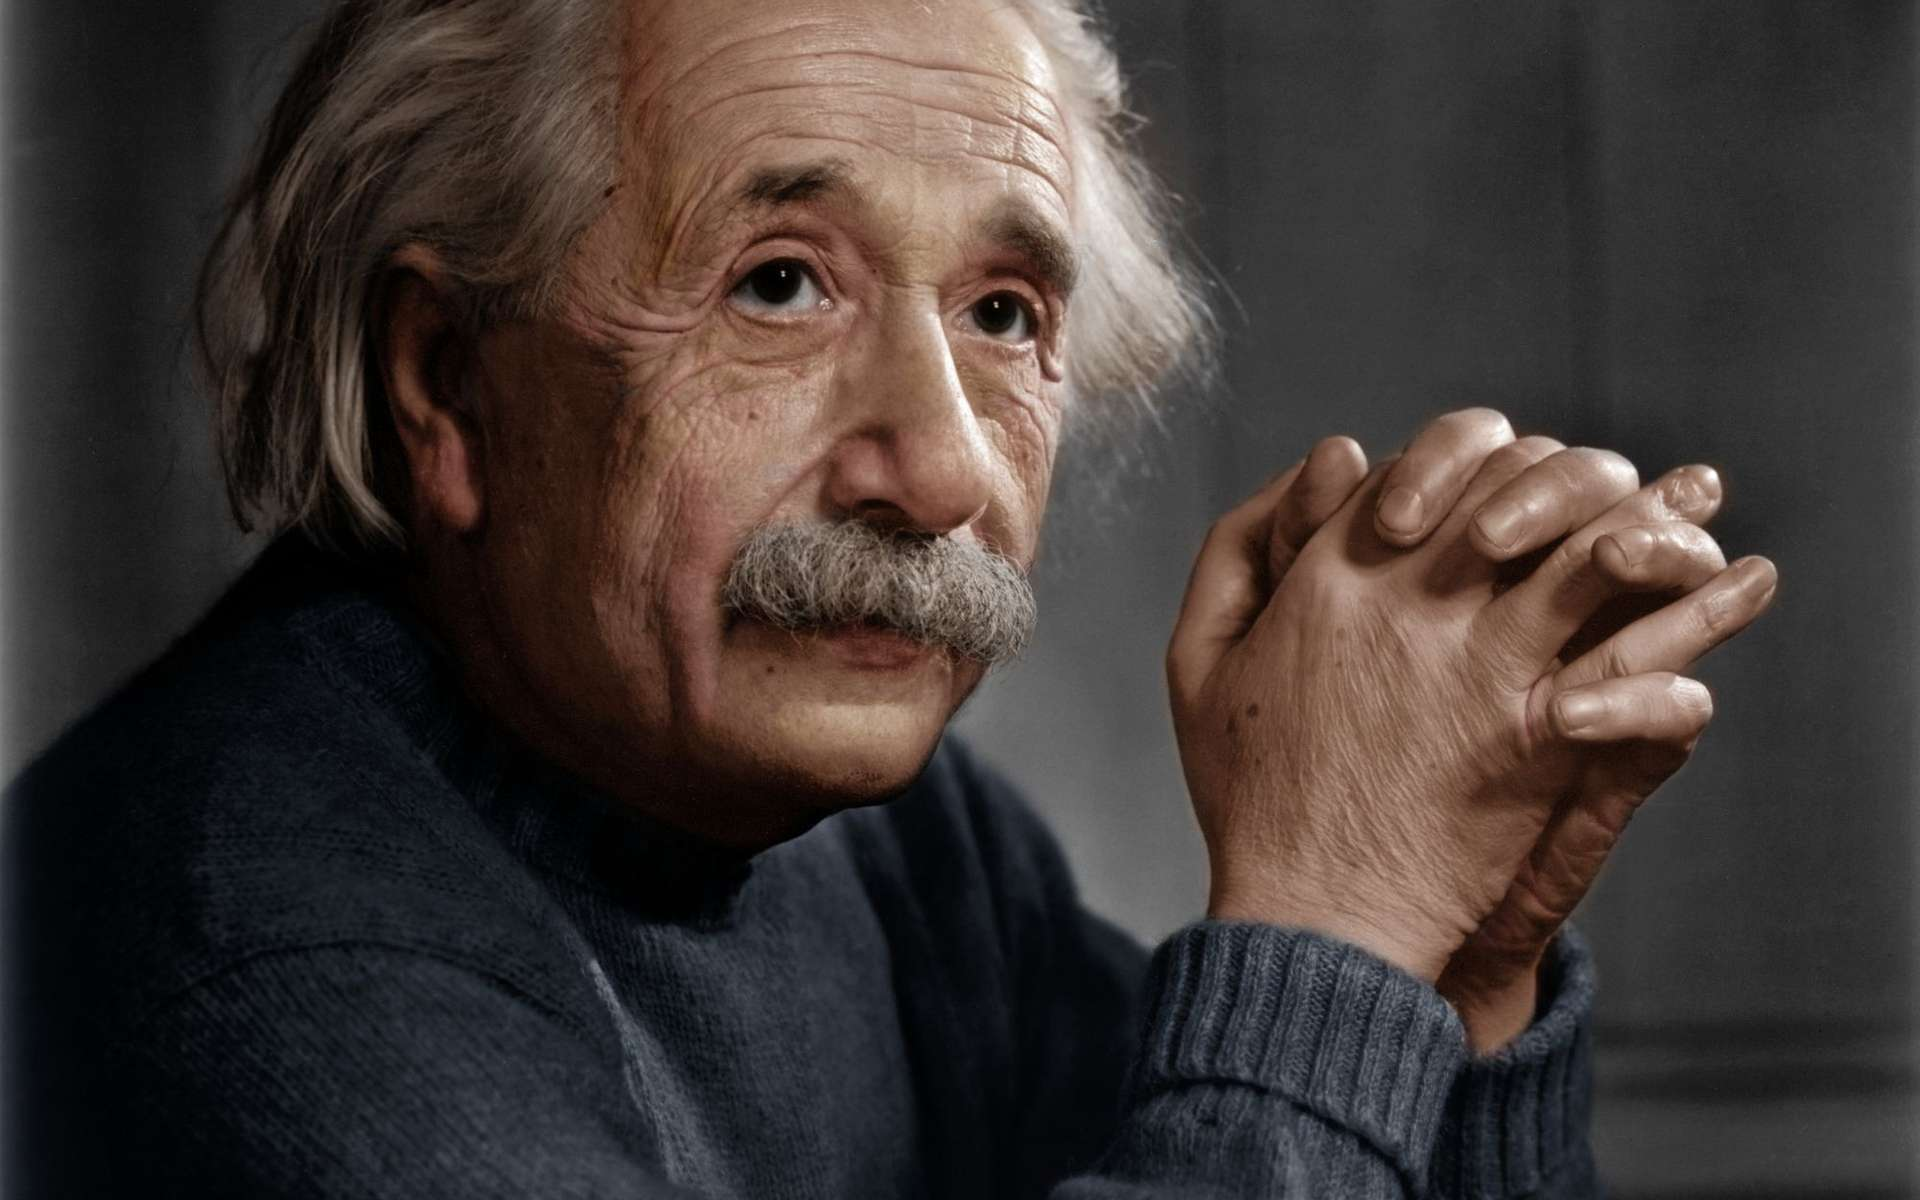 Soixante ans après sa mort et un siècle après la relativité générale, l'héritage d'Einstein est encore bien vivant. © InformiguelCarreño, Wikimeida Commons, CC by-sa 4.0